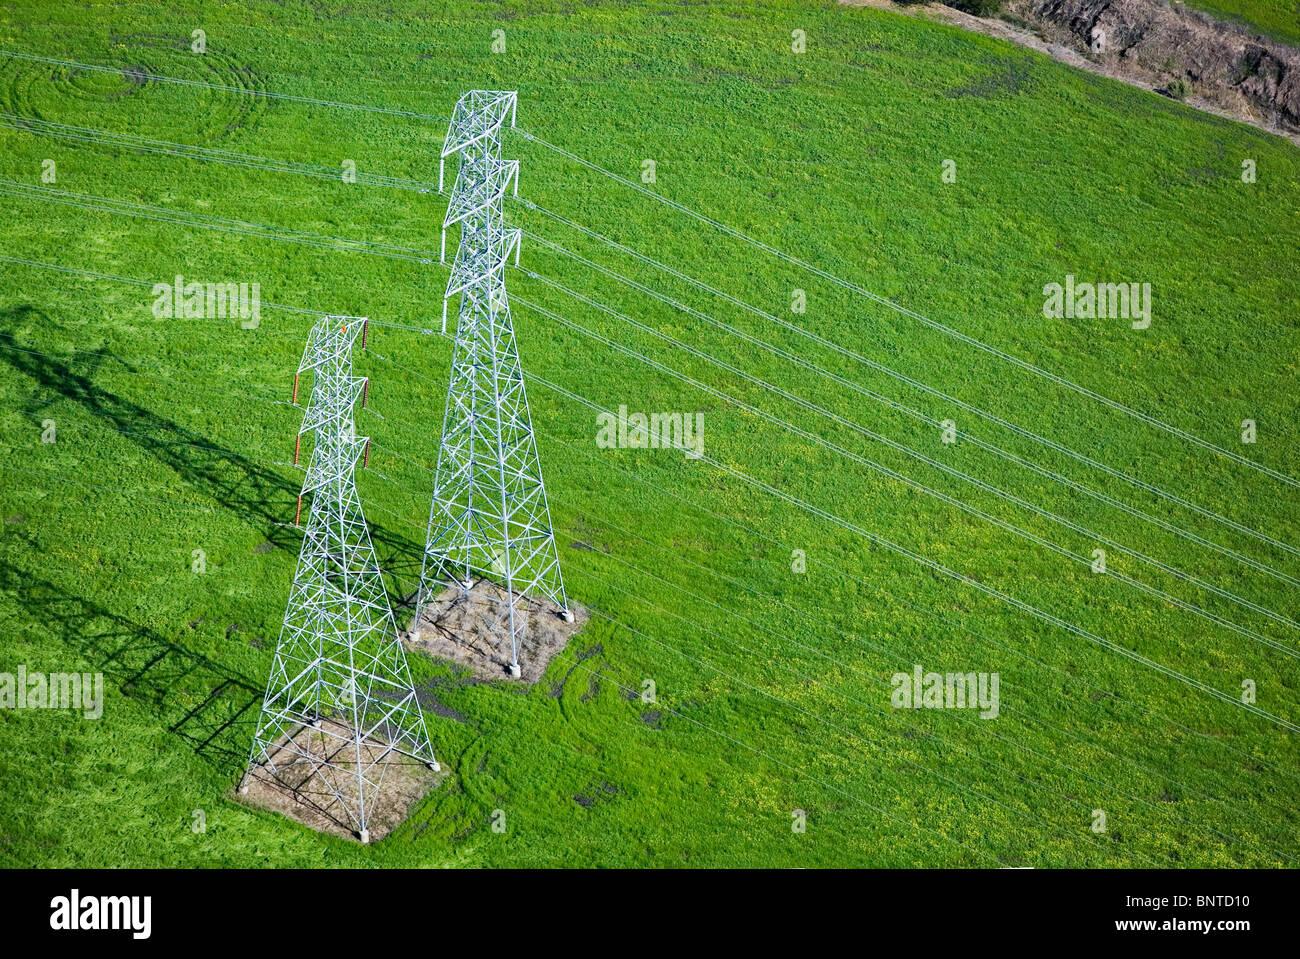 Luftaufnahme über elektrische Hochspannungsleitungen Türme Sonoma county, California Stockbild